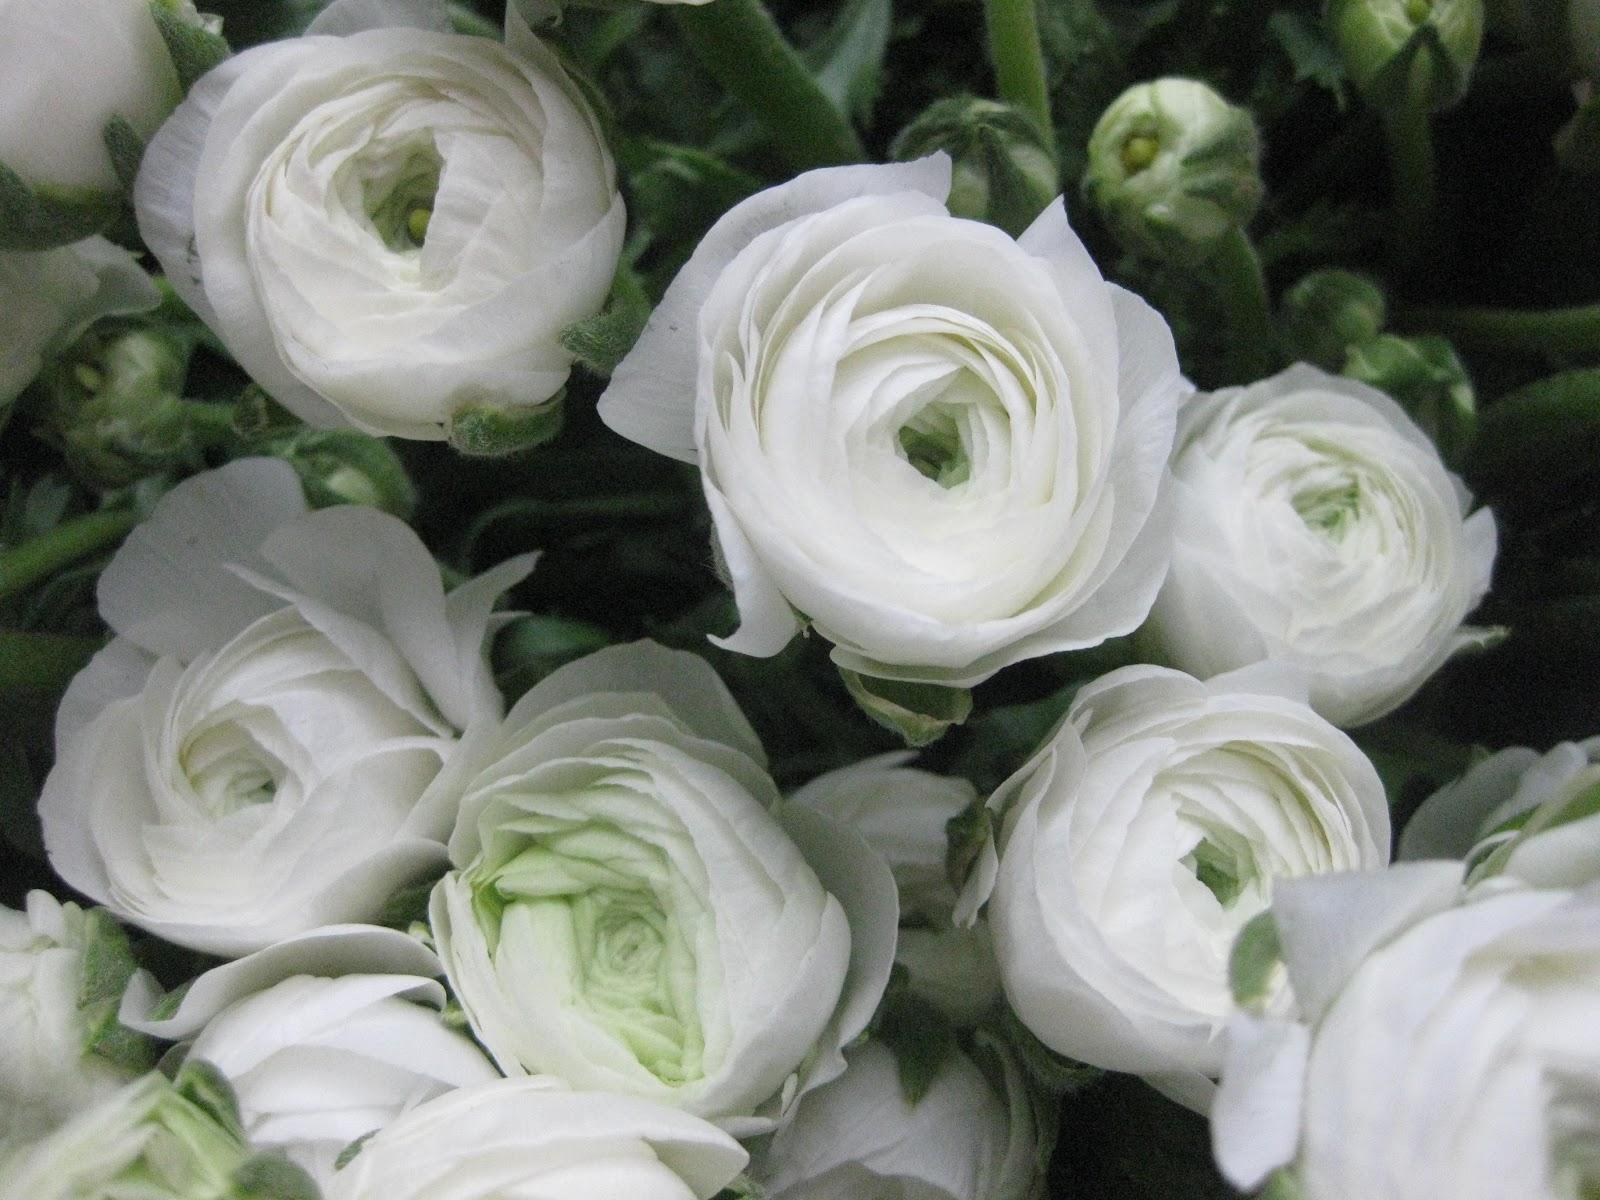 Helen Jane Floristry Favourite Flower for February Ranunculus